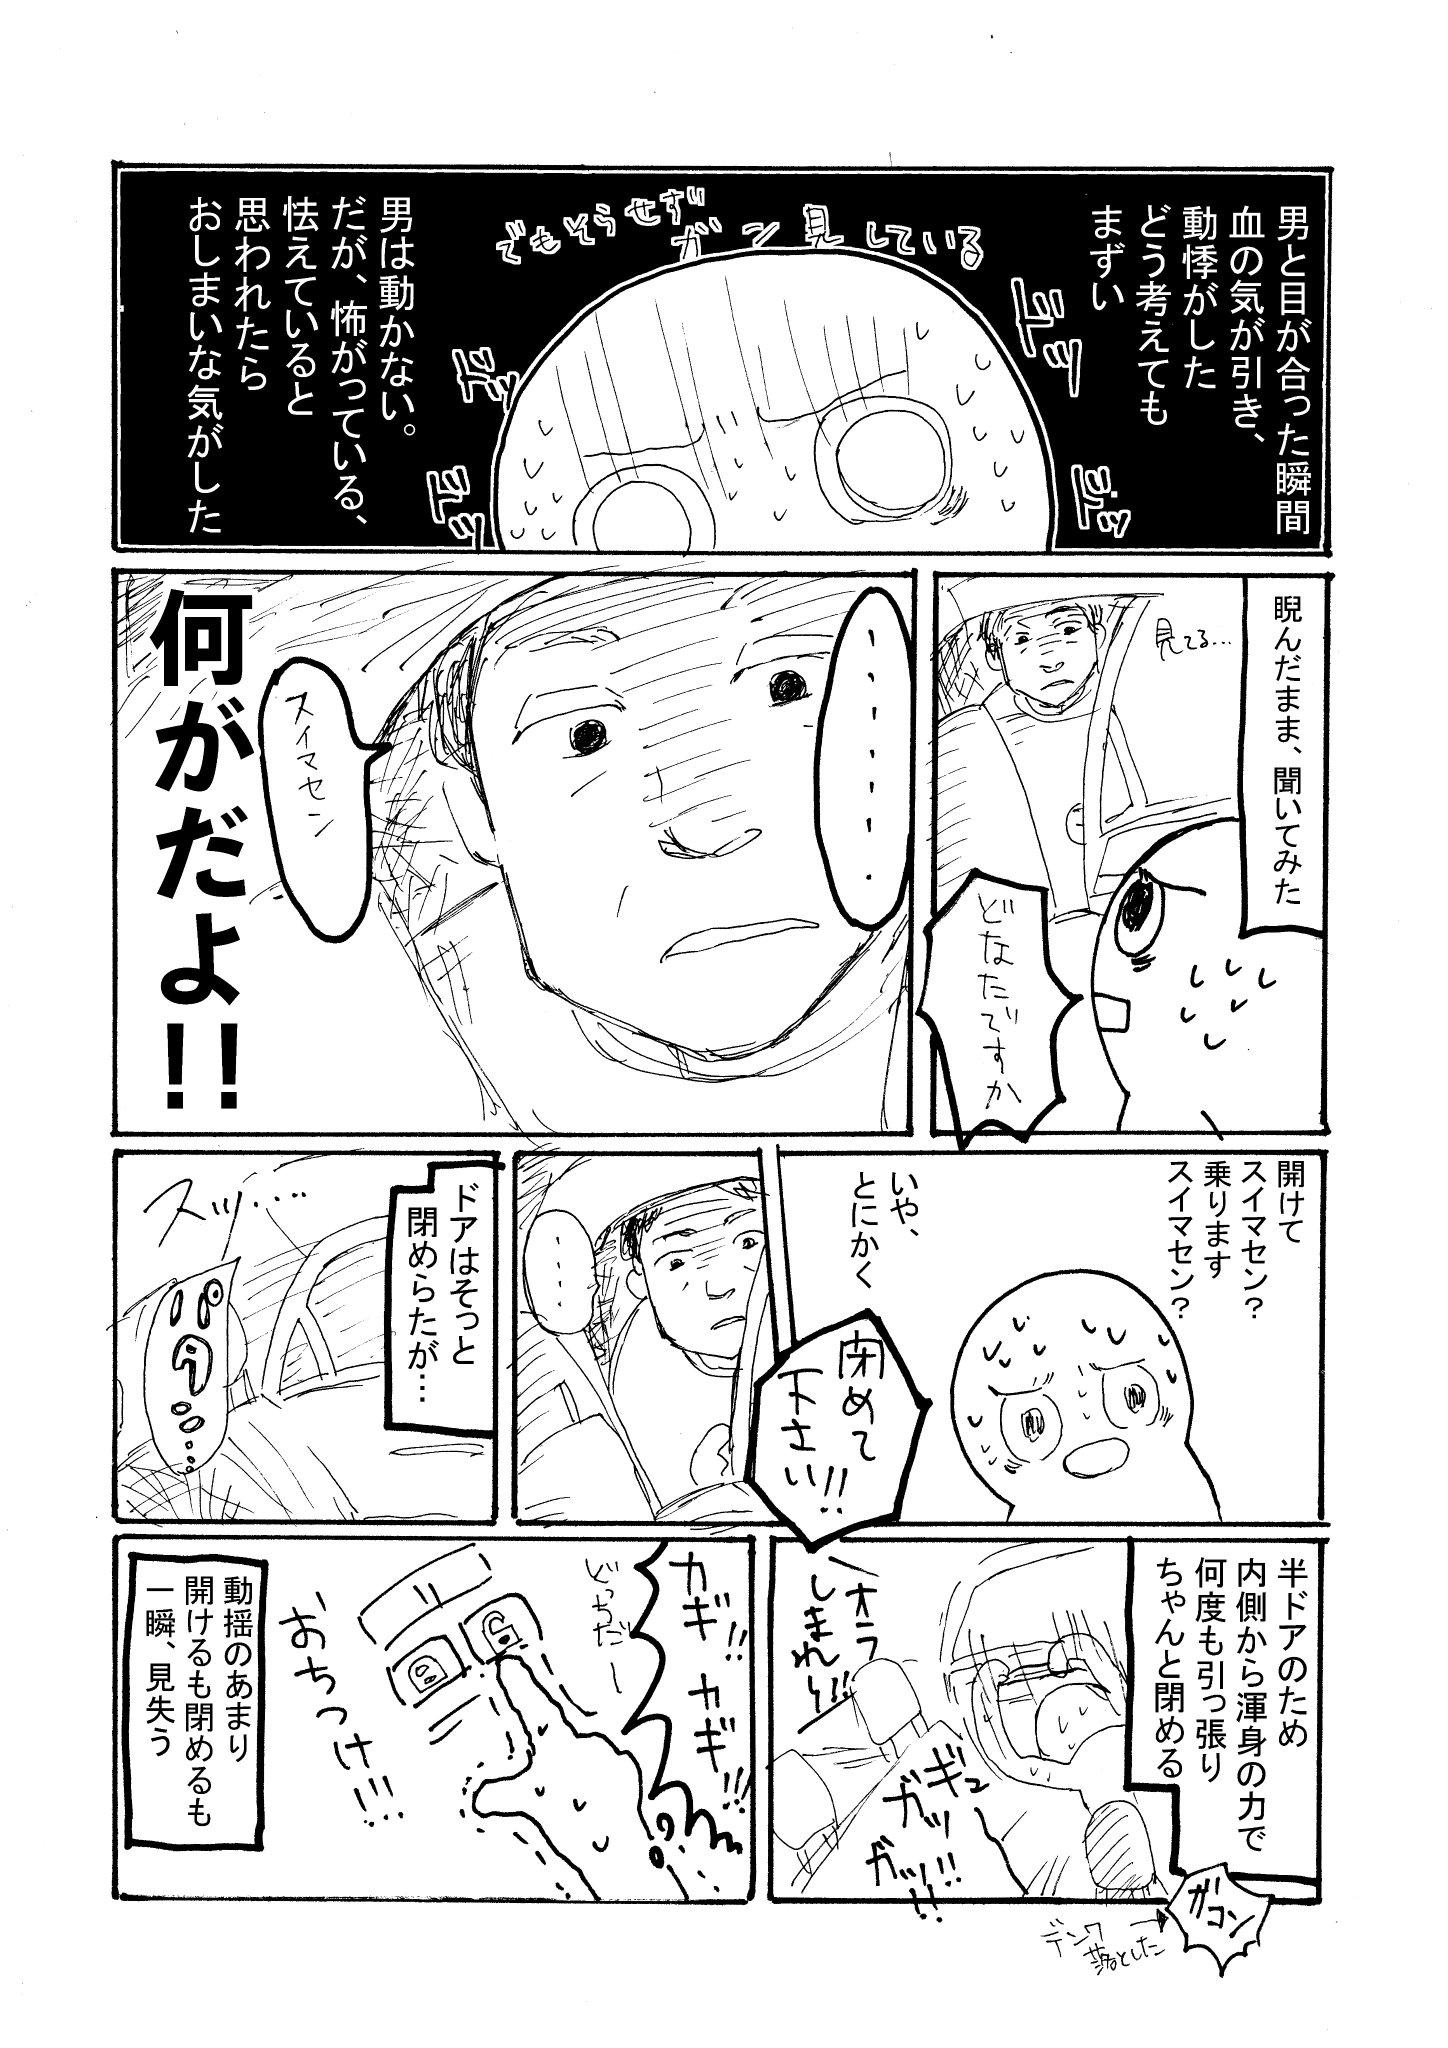 注意喚起!!夜のコインパーキングで起きた実体験の漫画を見てみて!!